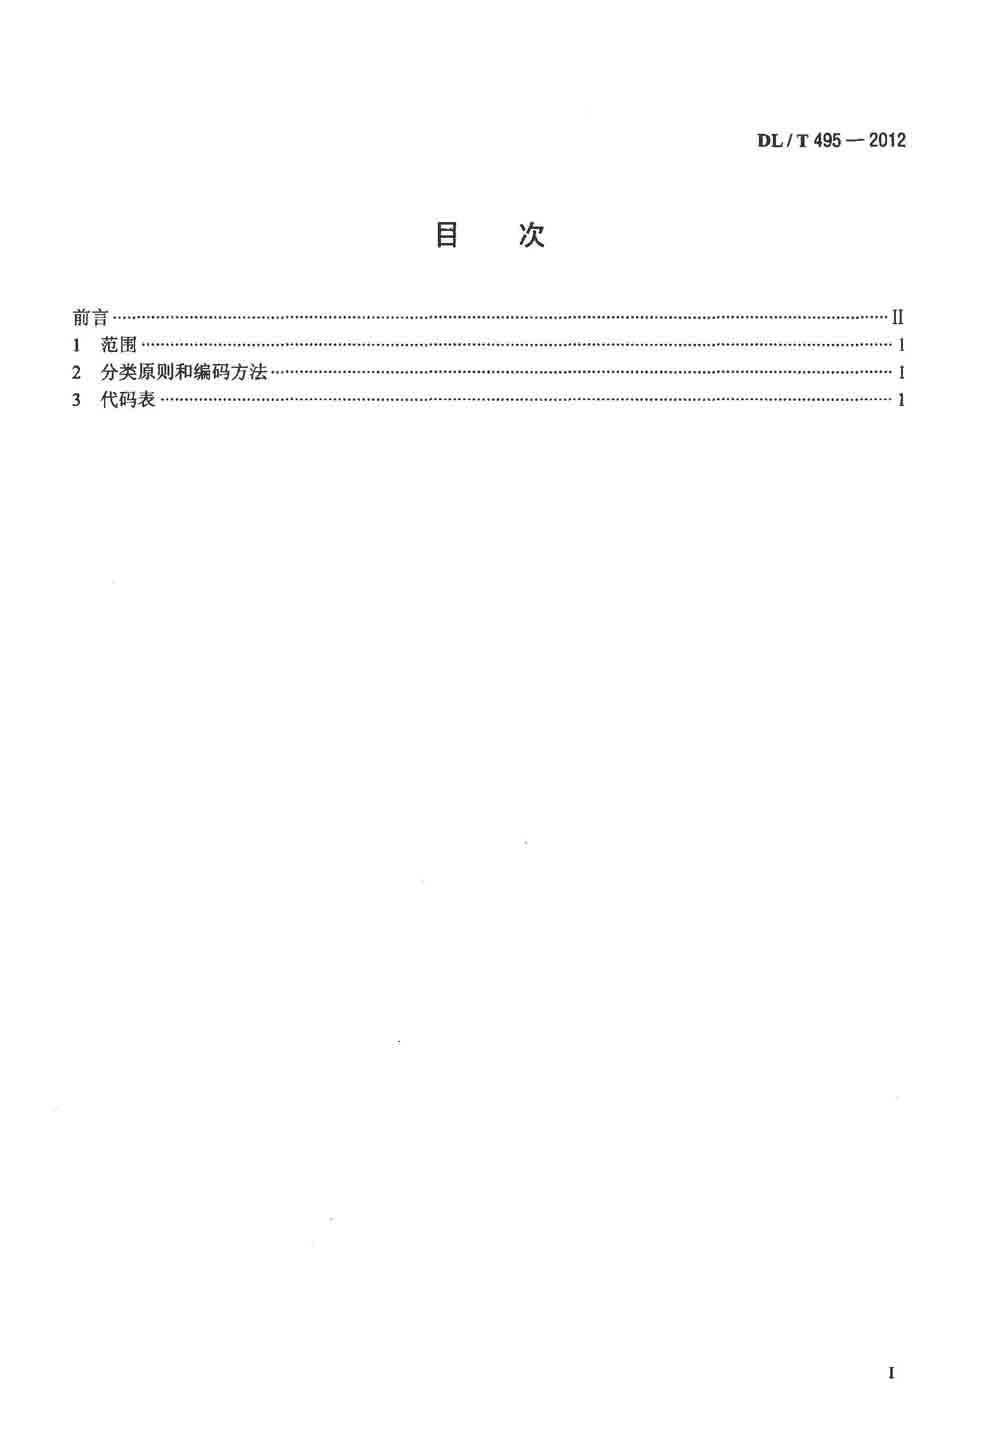 电力行业单位类别代码 DL\/T495-2012